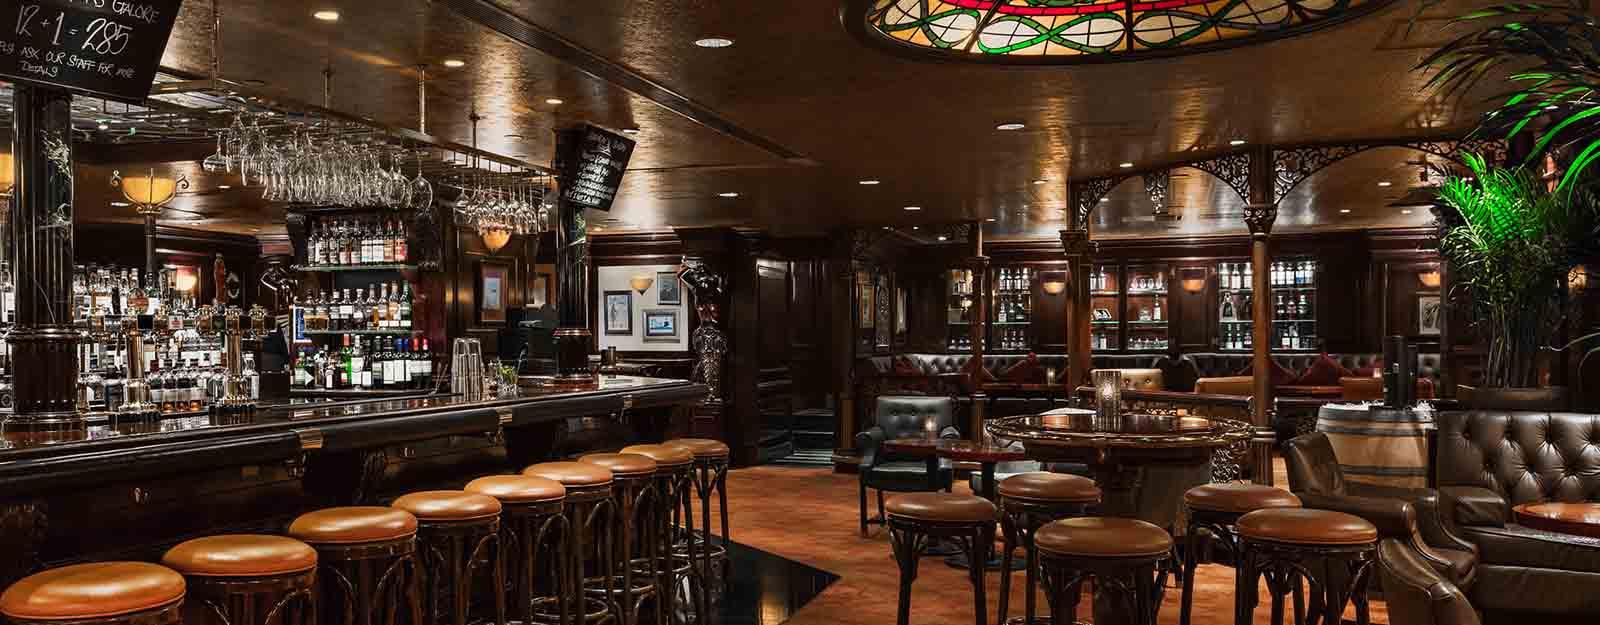 Tiffany Cafe Restaurant New York City